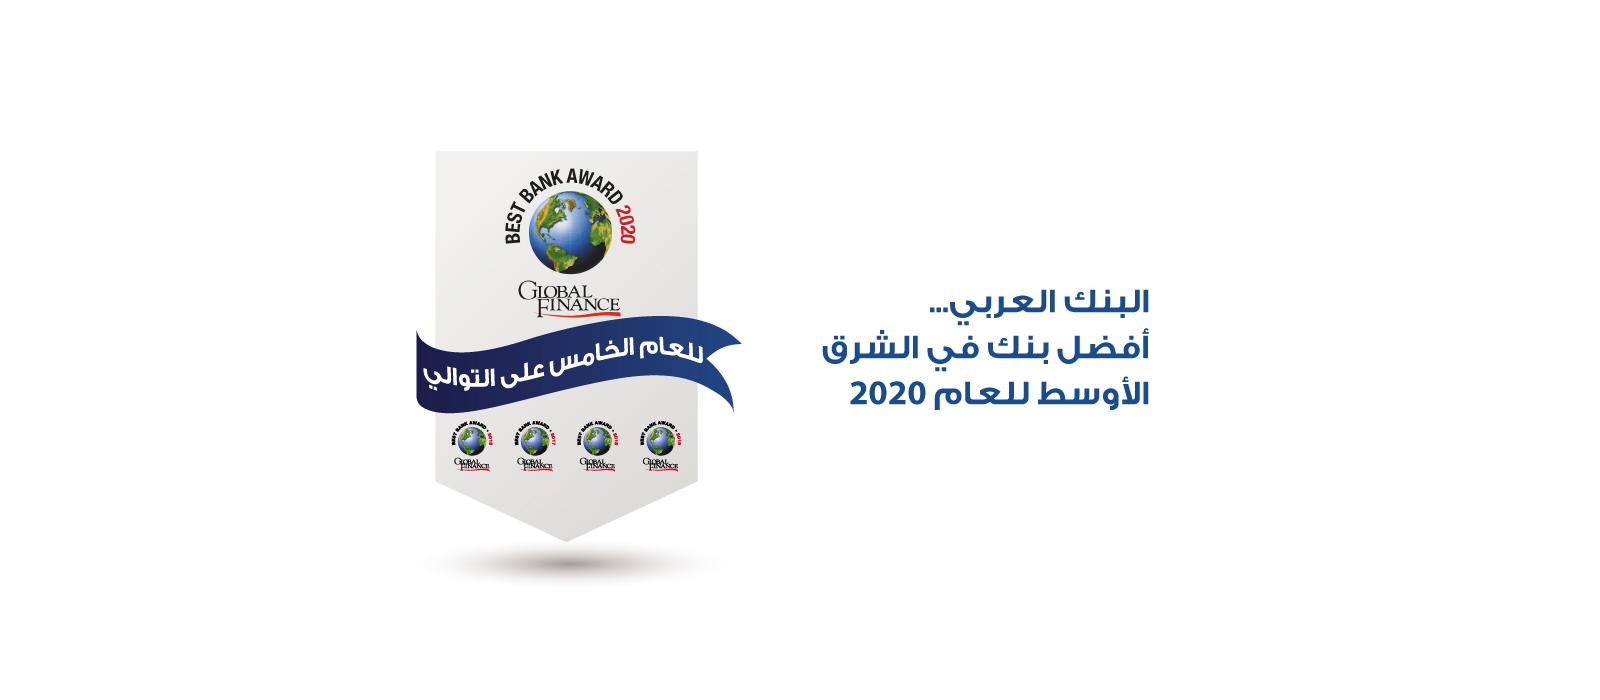 website-banner-1600x700-a317853ae60c367ec9513ff5c007b40dd